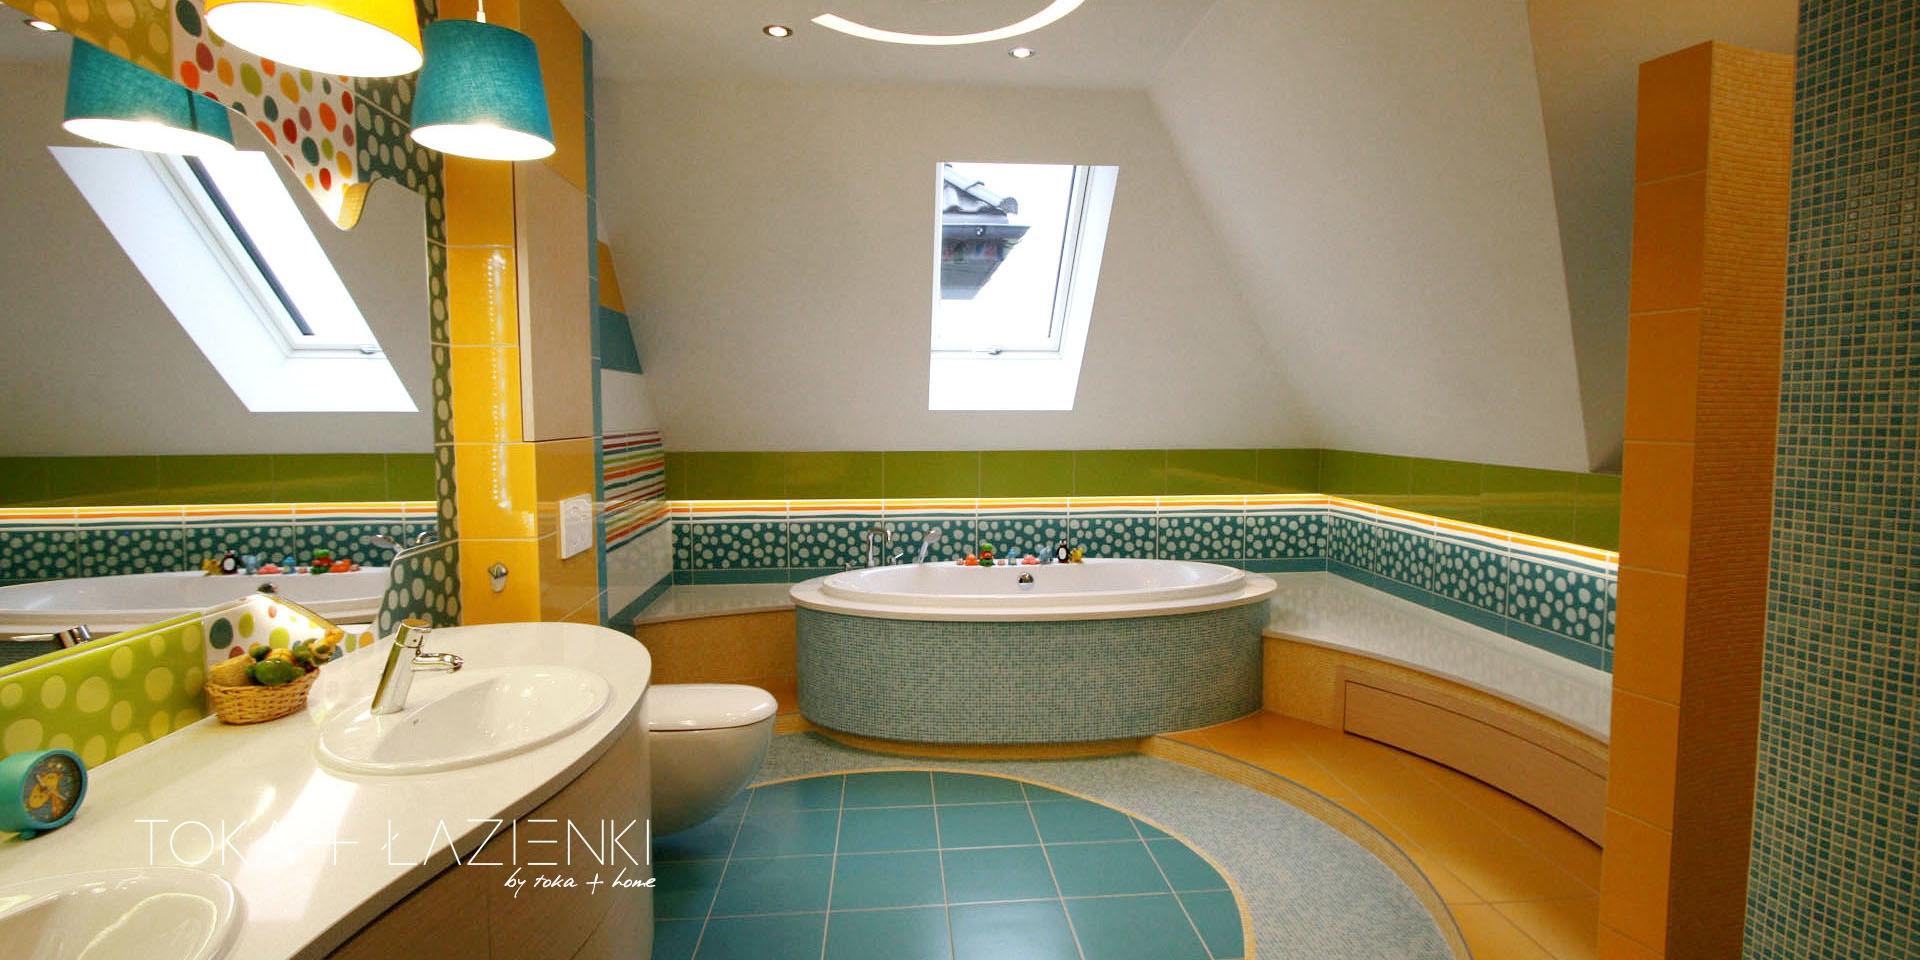 aranżacja łazienki dla dzieci